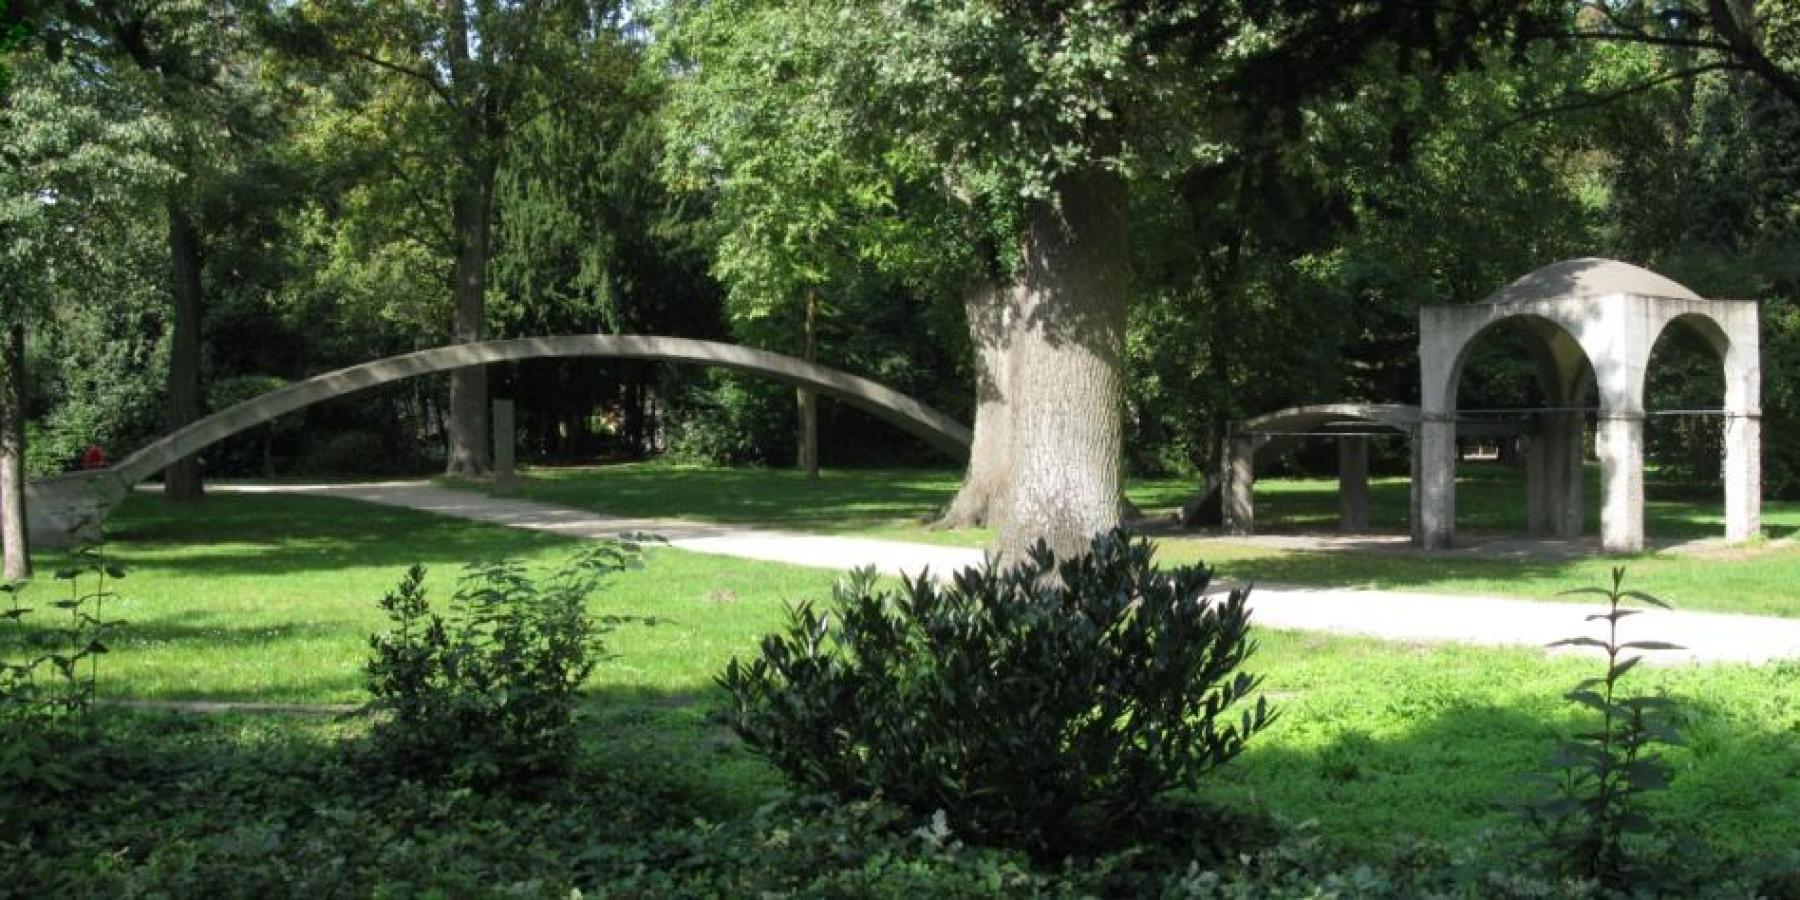 Südpark-Sanierung: Wassererlebnis in neuen Formen